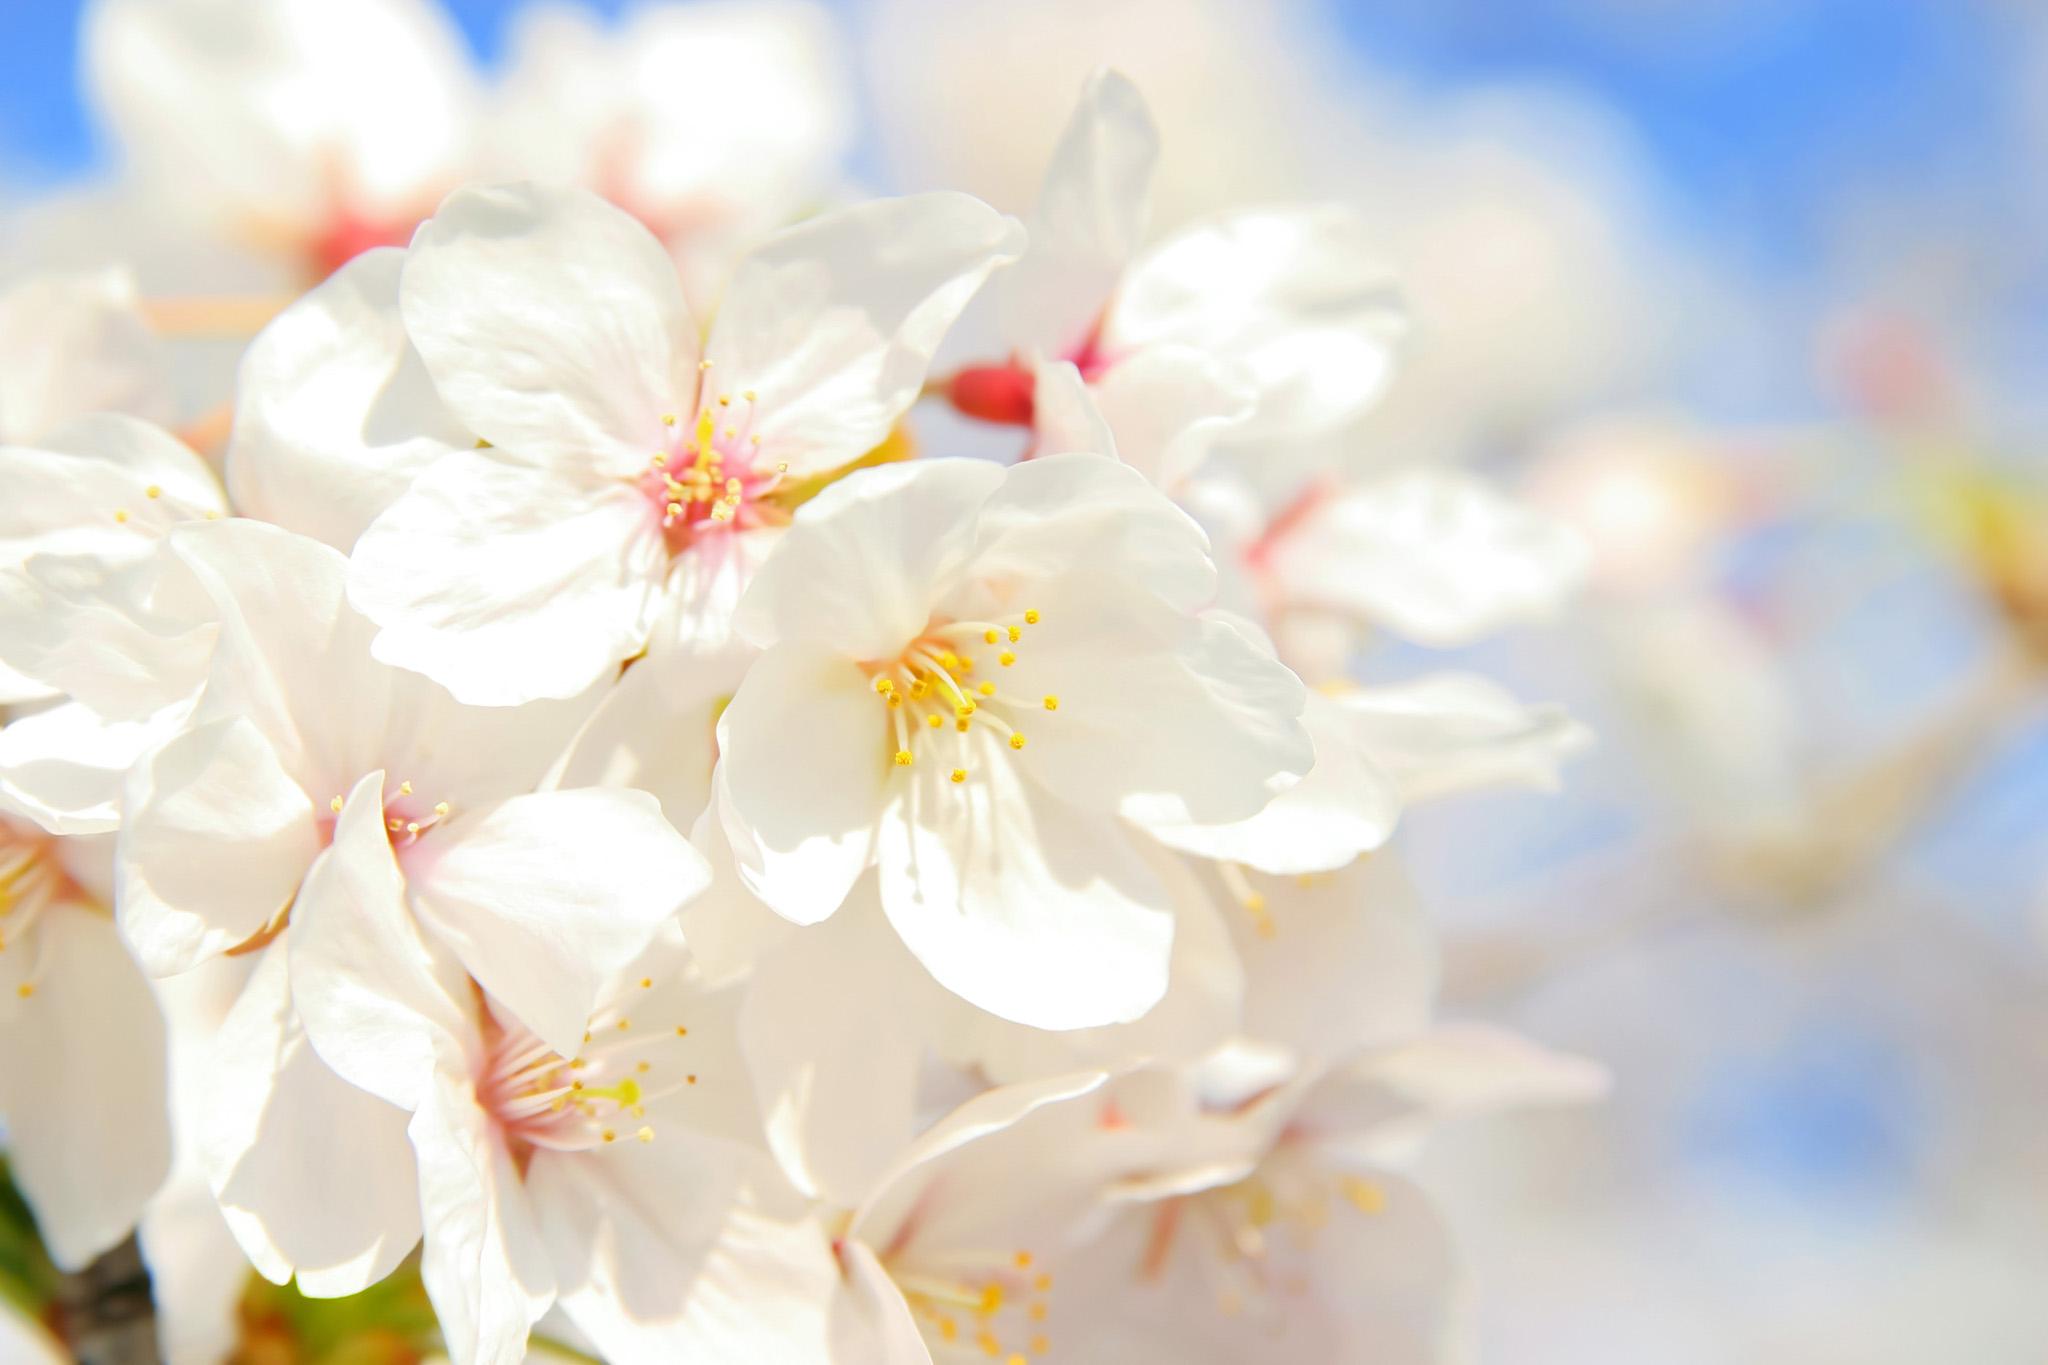 「空と白い桜の花びら」の背景を無料ダウンロード